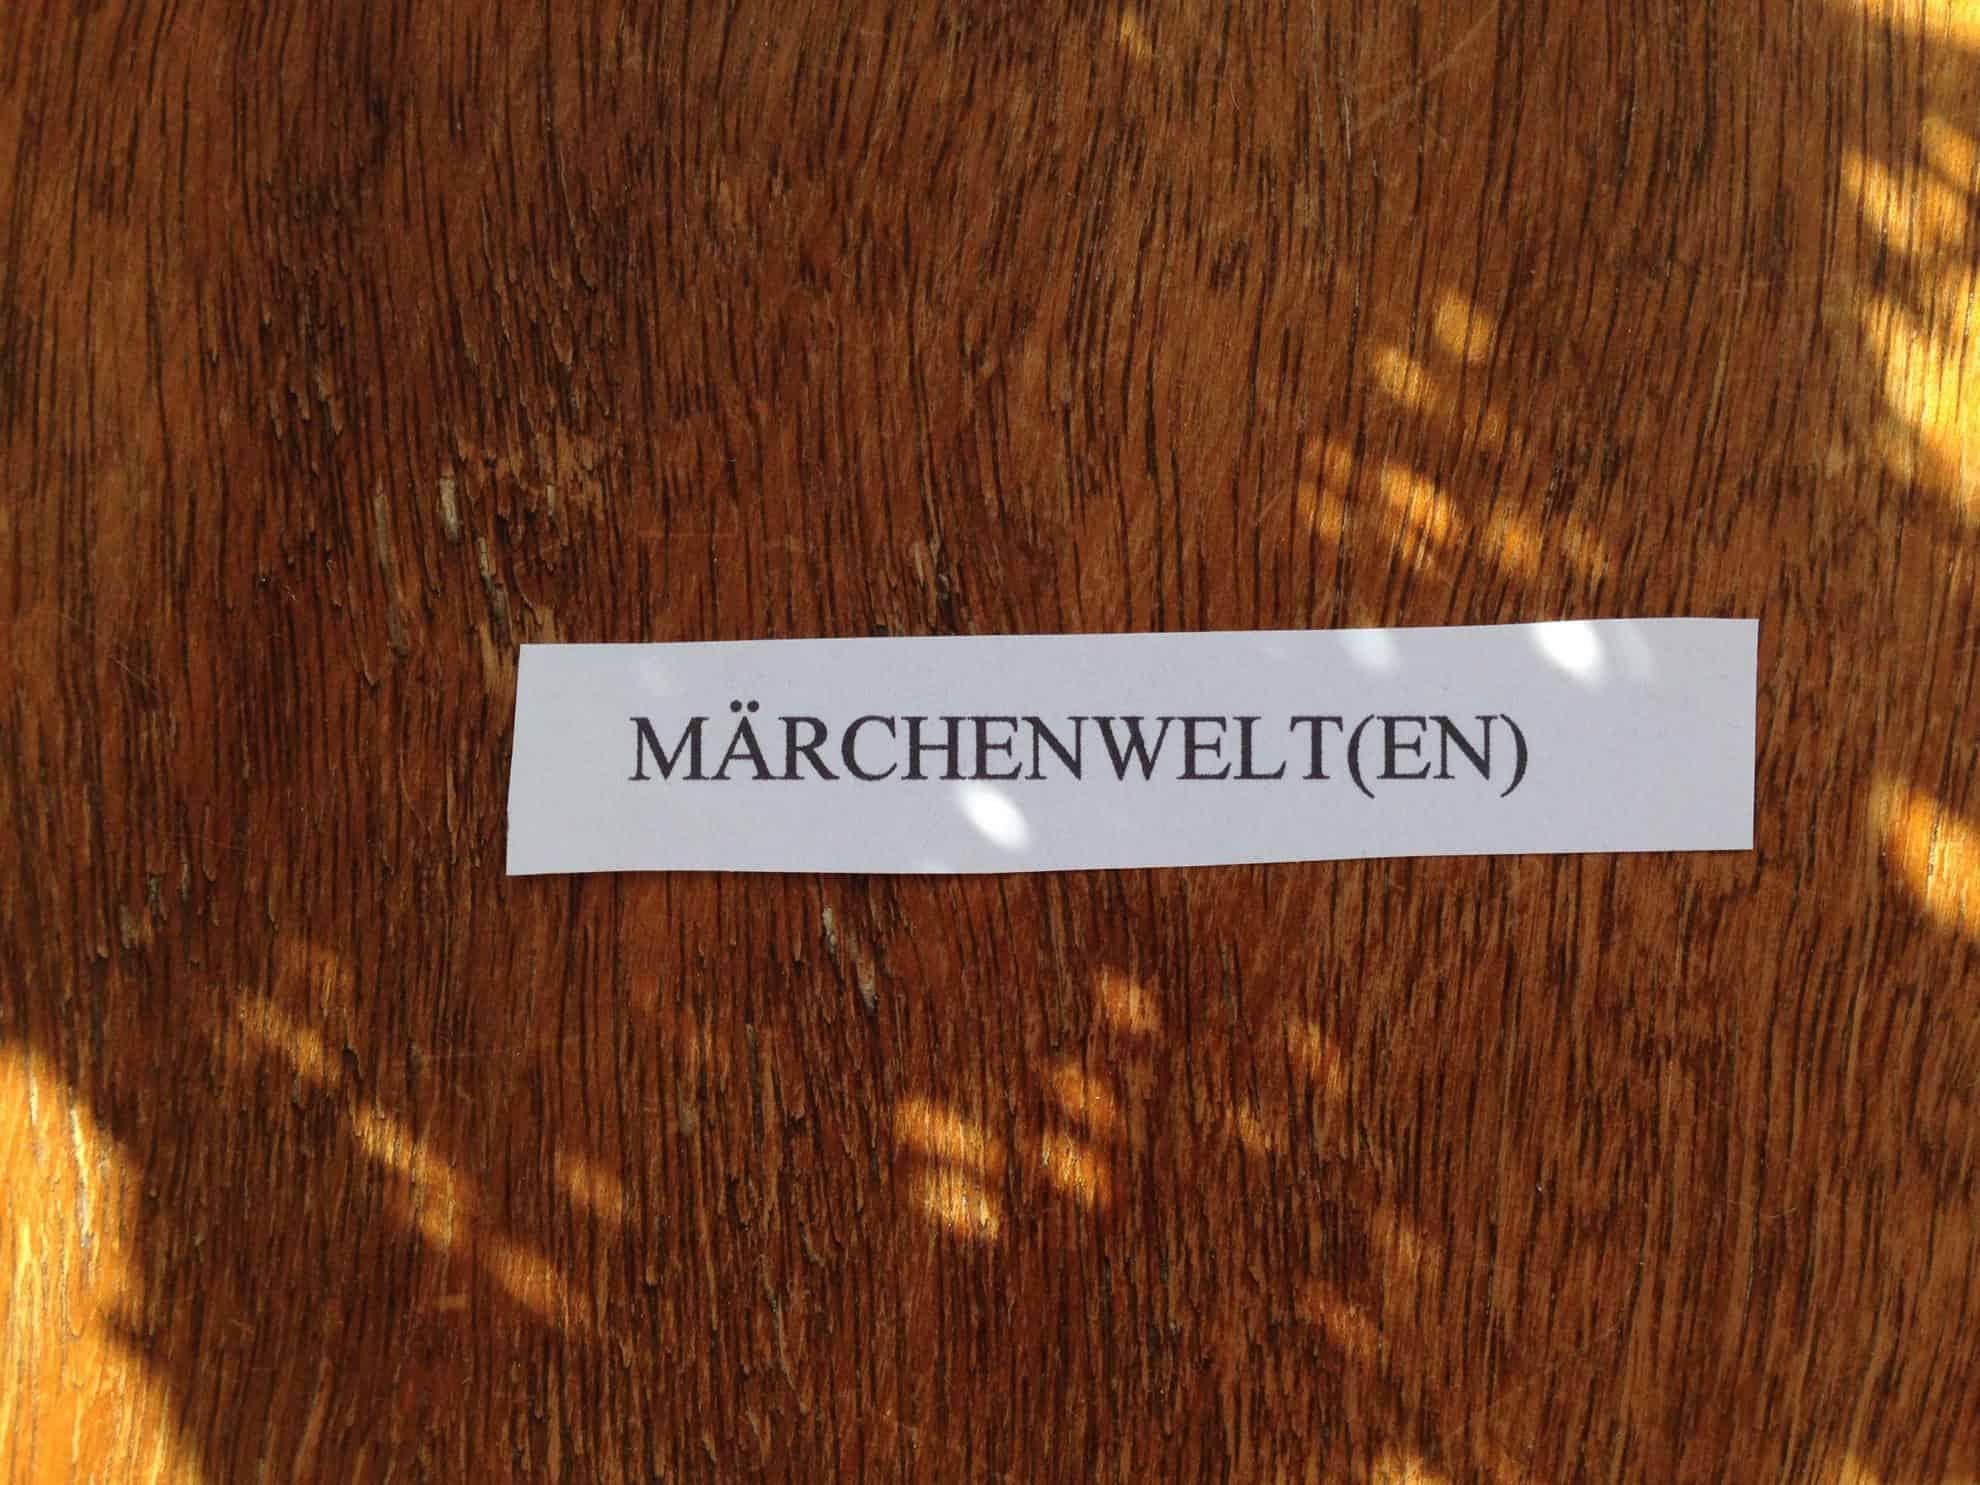 IMG 2585 scaled - Märchenwelten